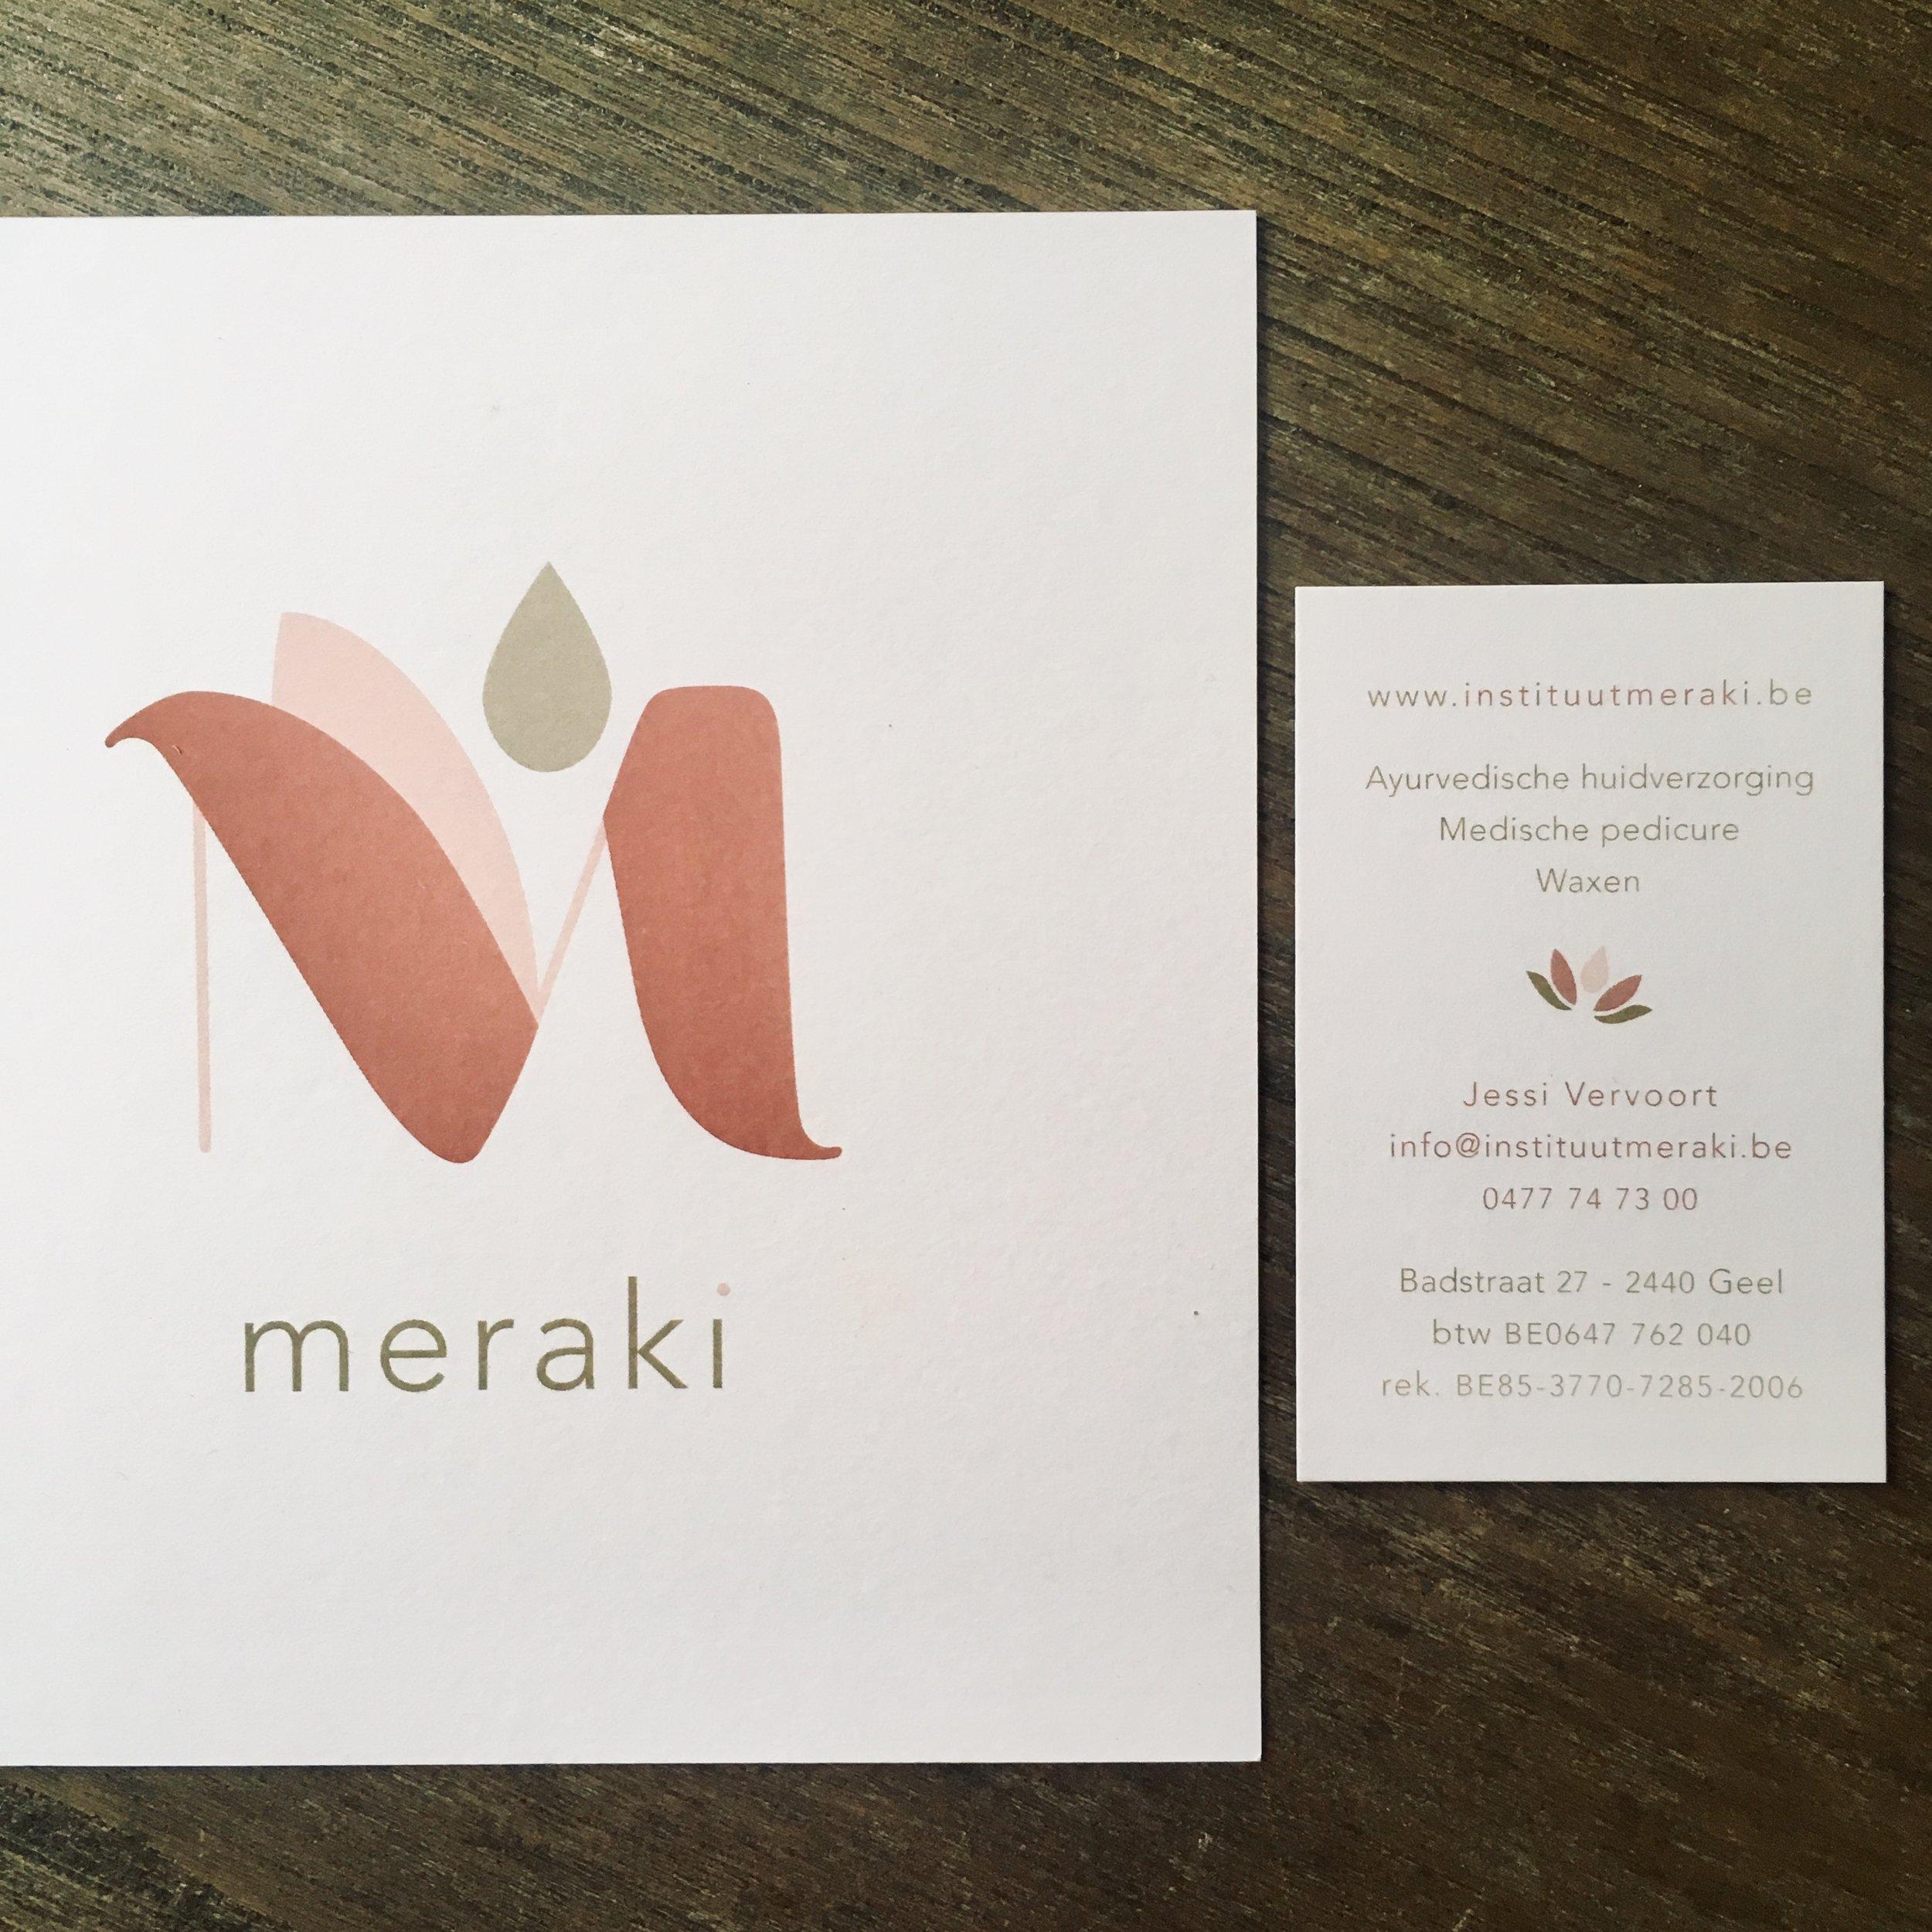 Huisstijl Meraki